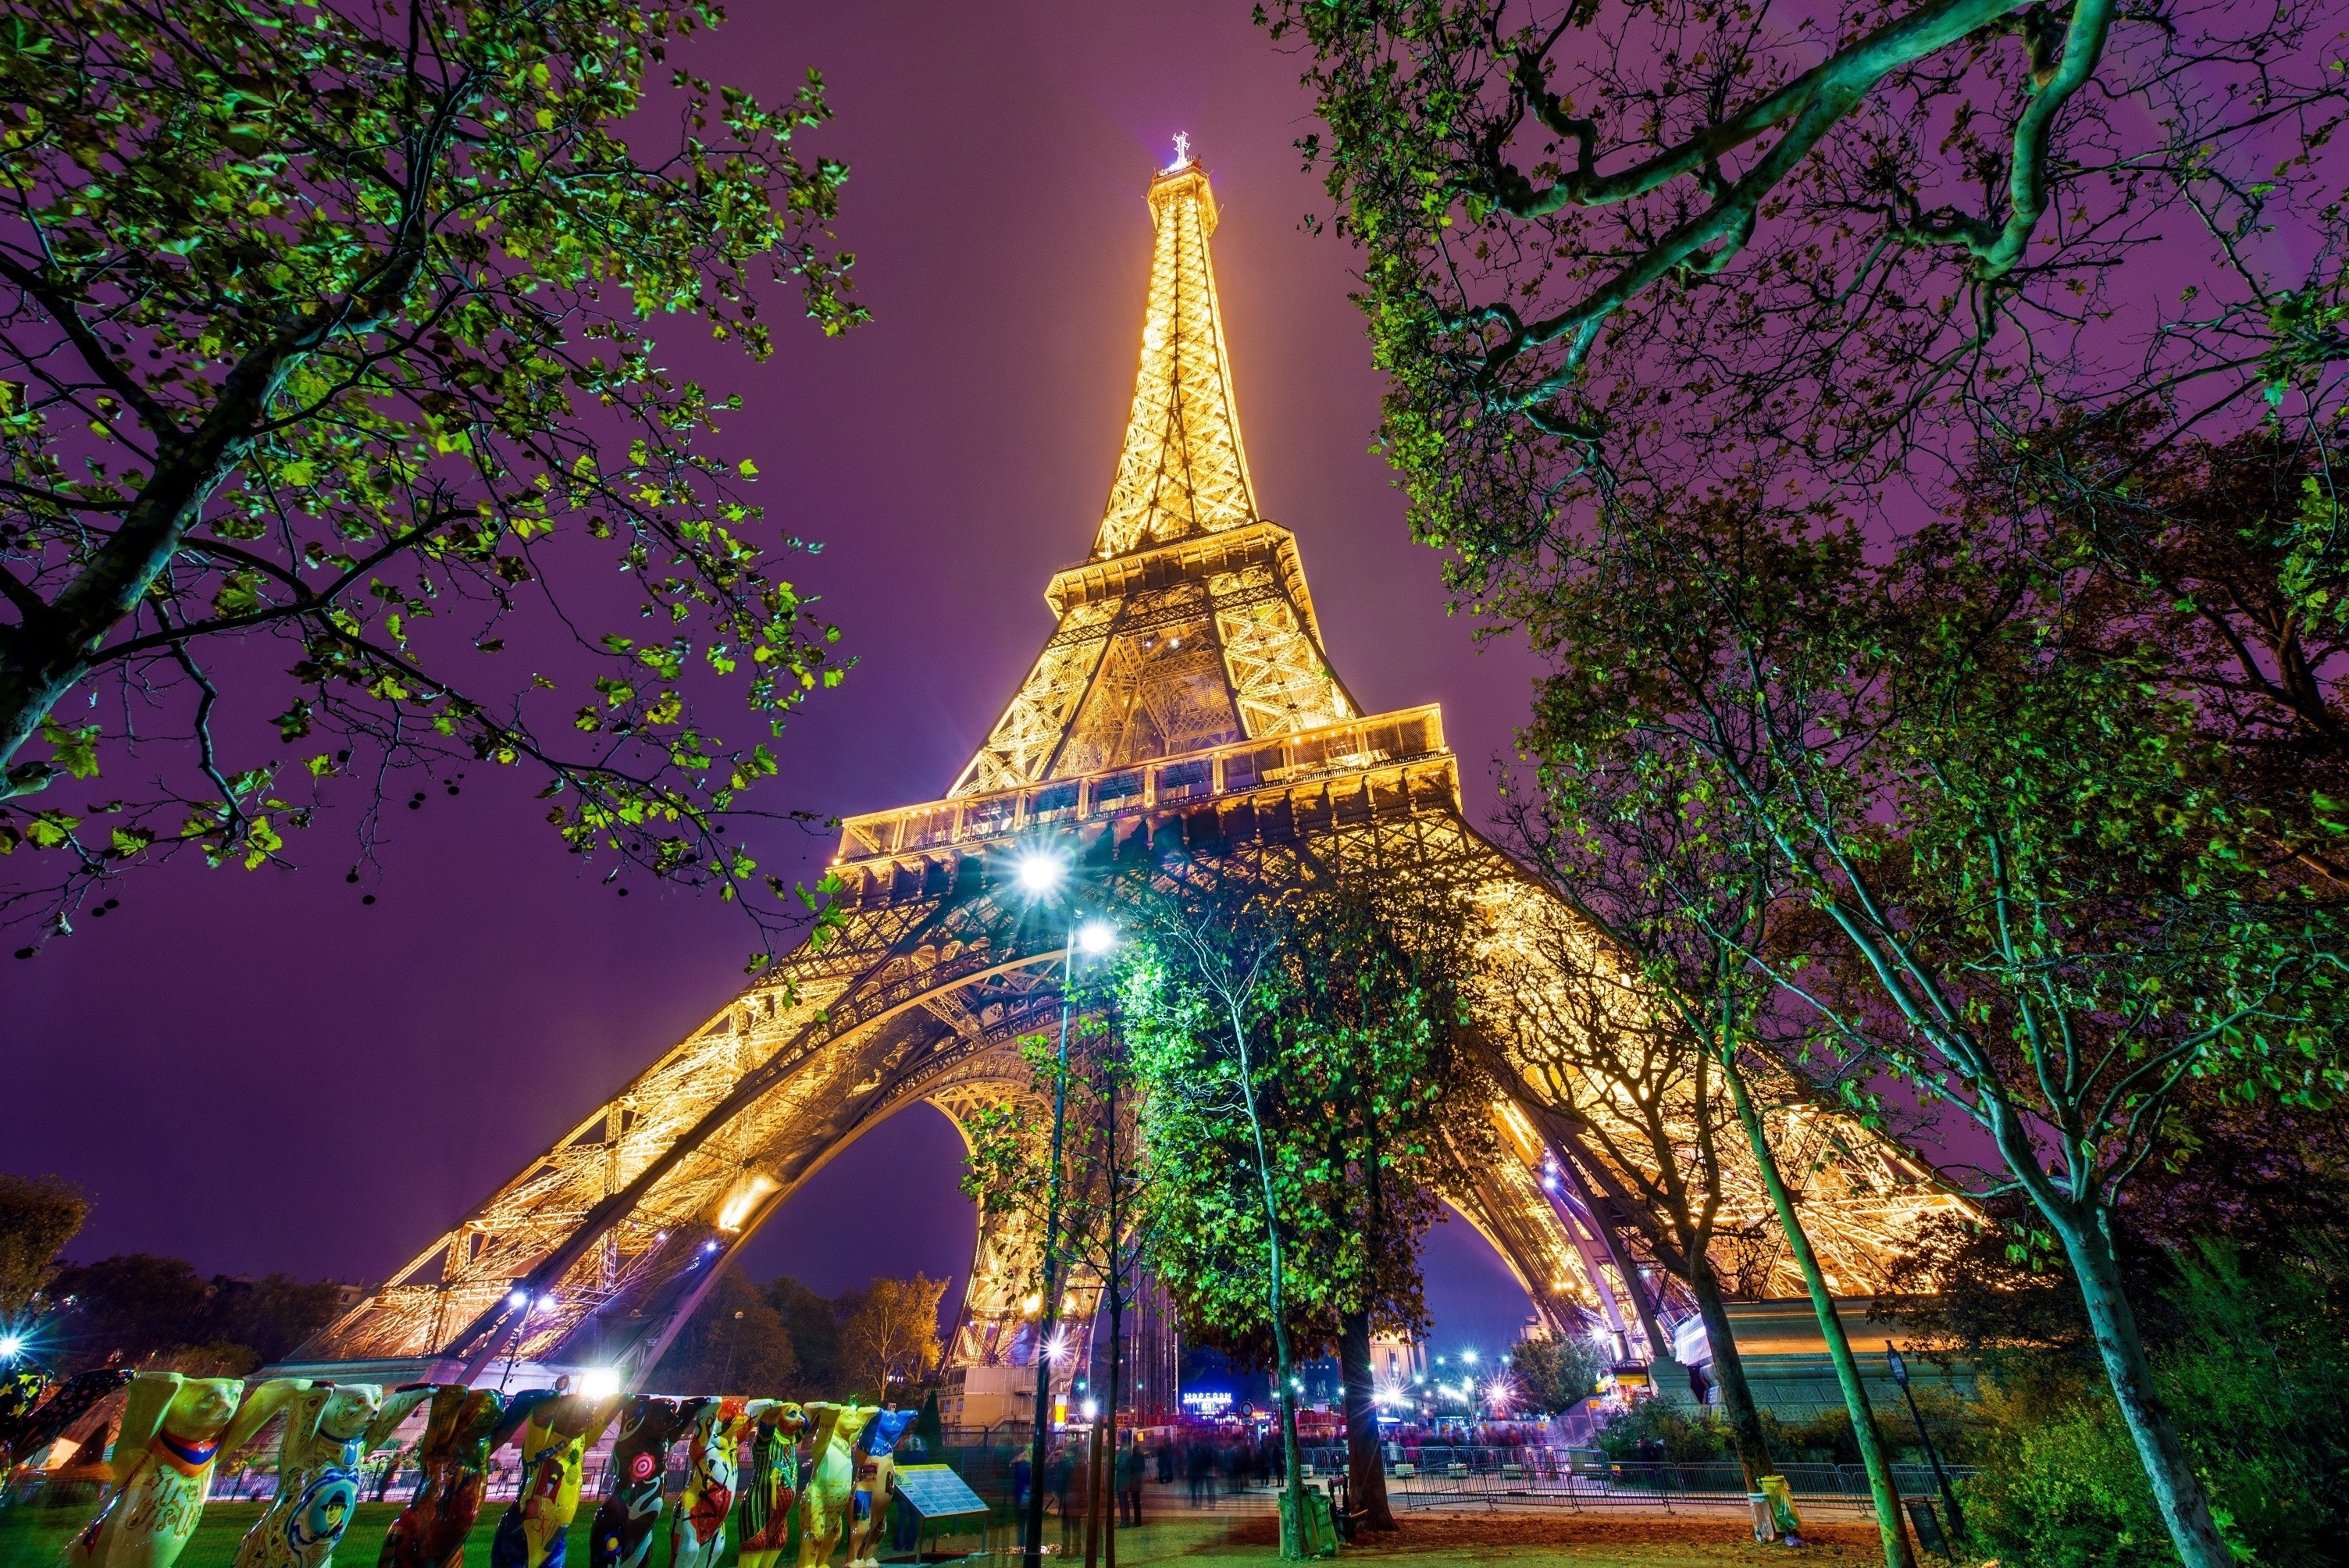 Paris France Eiffel Tower Gd Wallpaper 3008x2008 282263